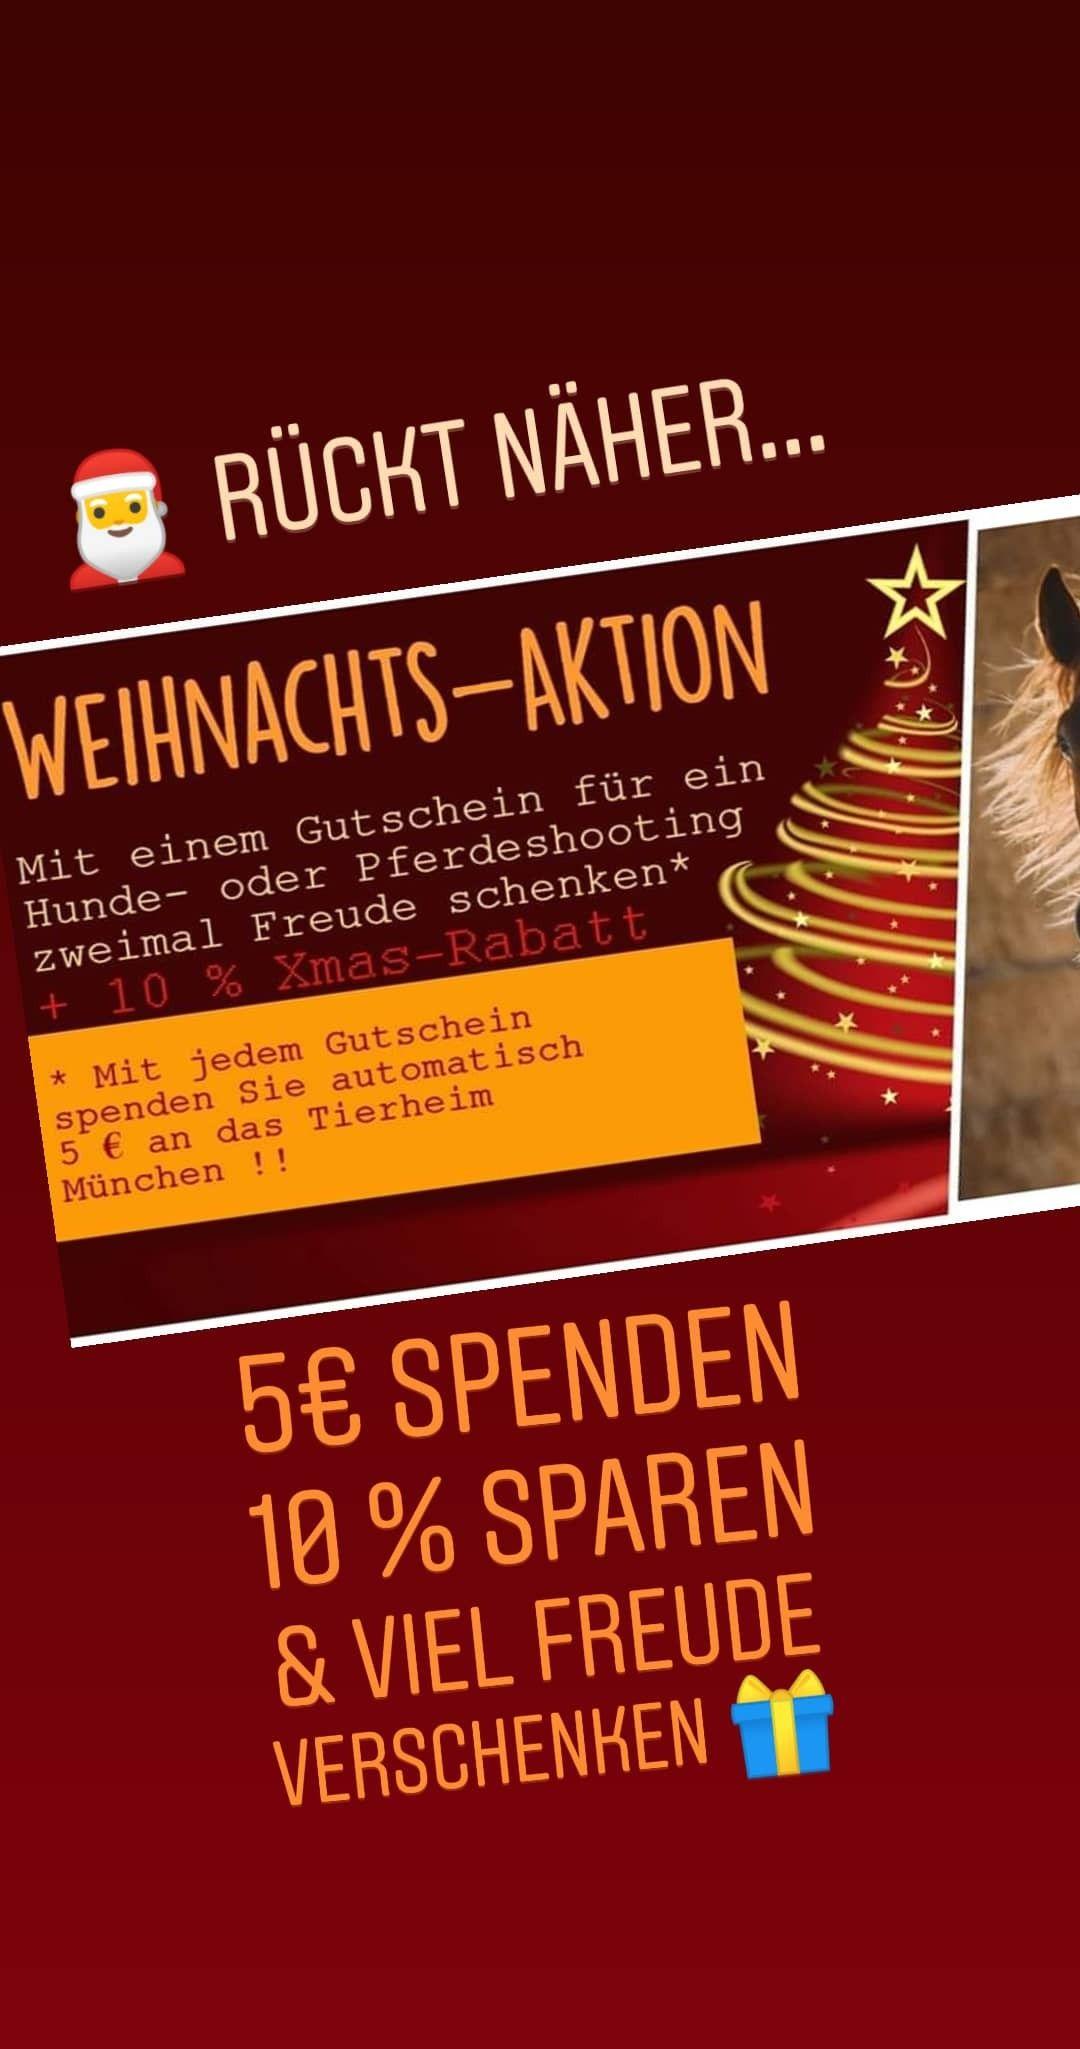 Mit Einem Weihnachts Gutschein Fur Ein Pferdeshooting Oder Hundeshooting Die Shootings Finden In Munchen Und Bayern Statt Mehr Verschenken Spenden Freude